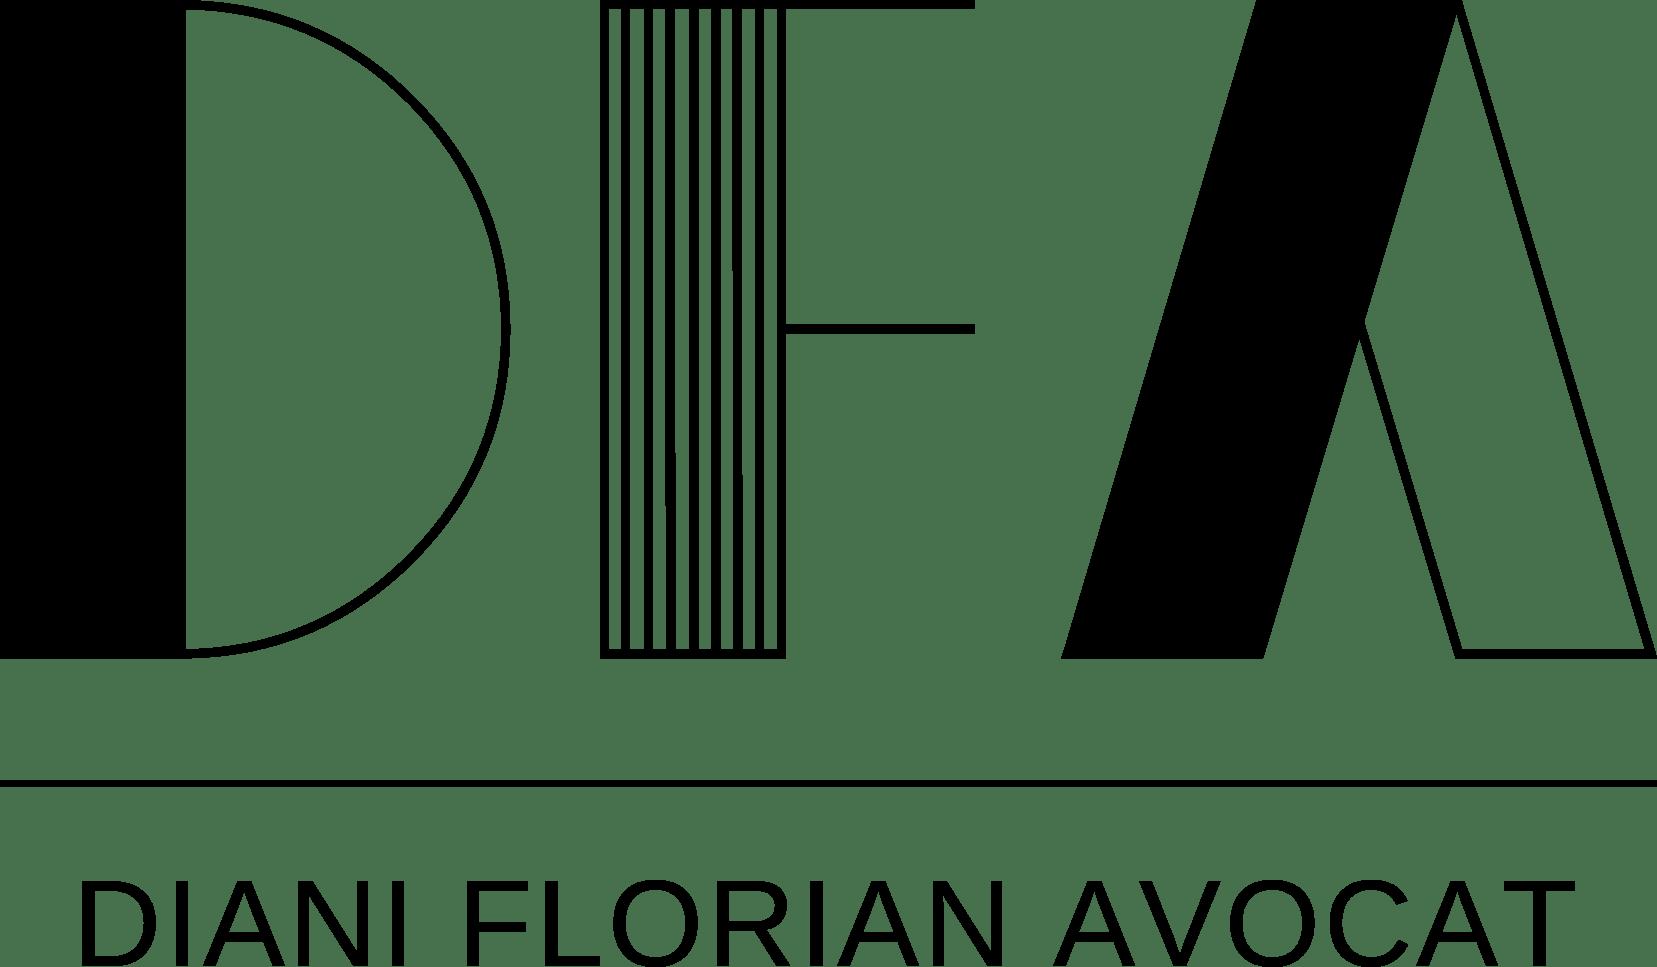 Diani Florian Avocat